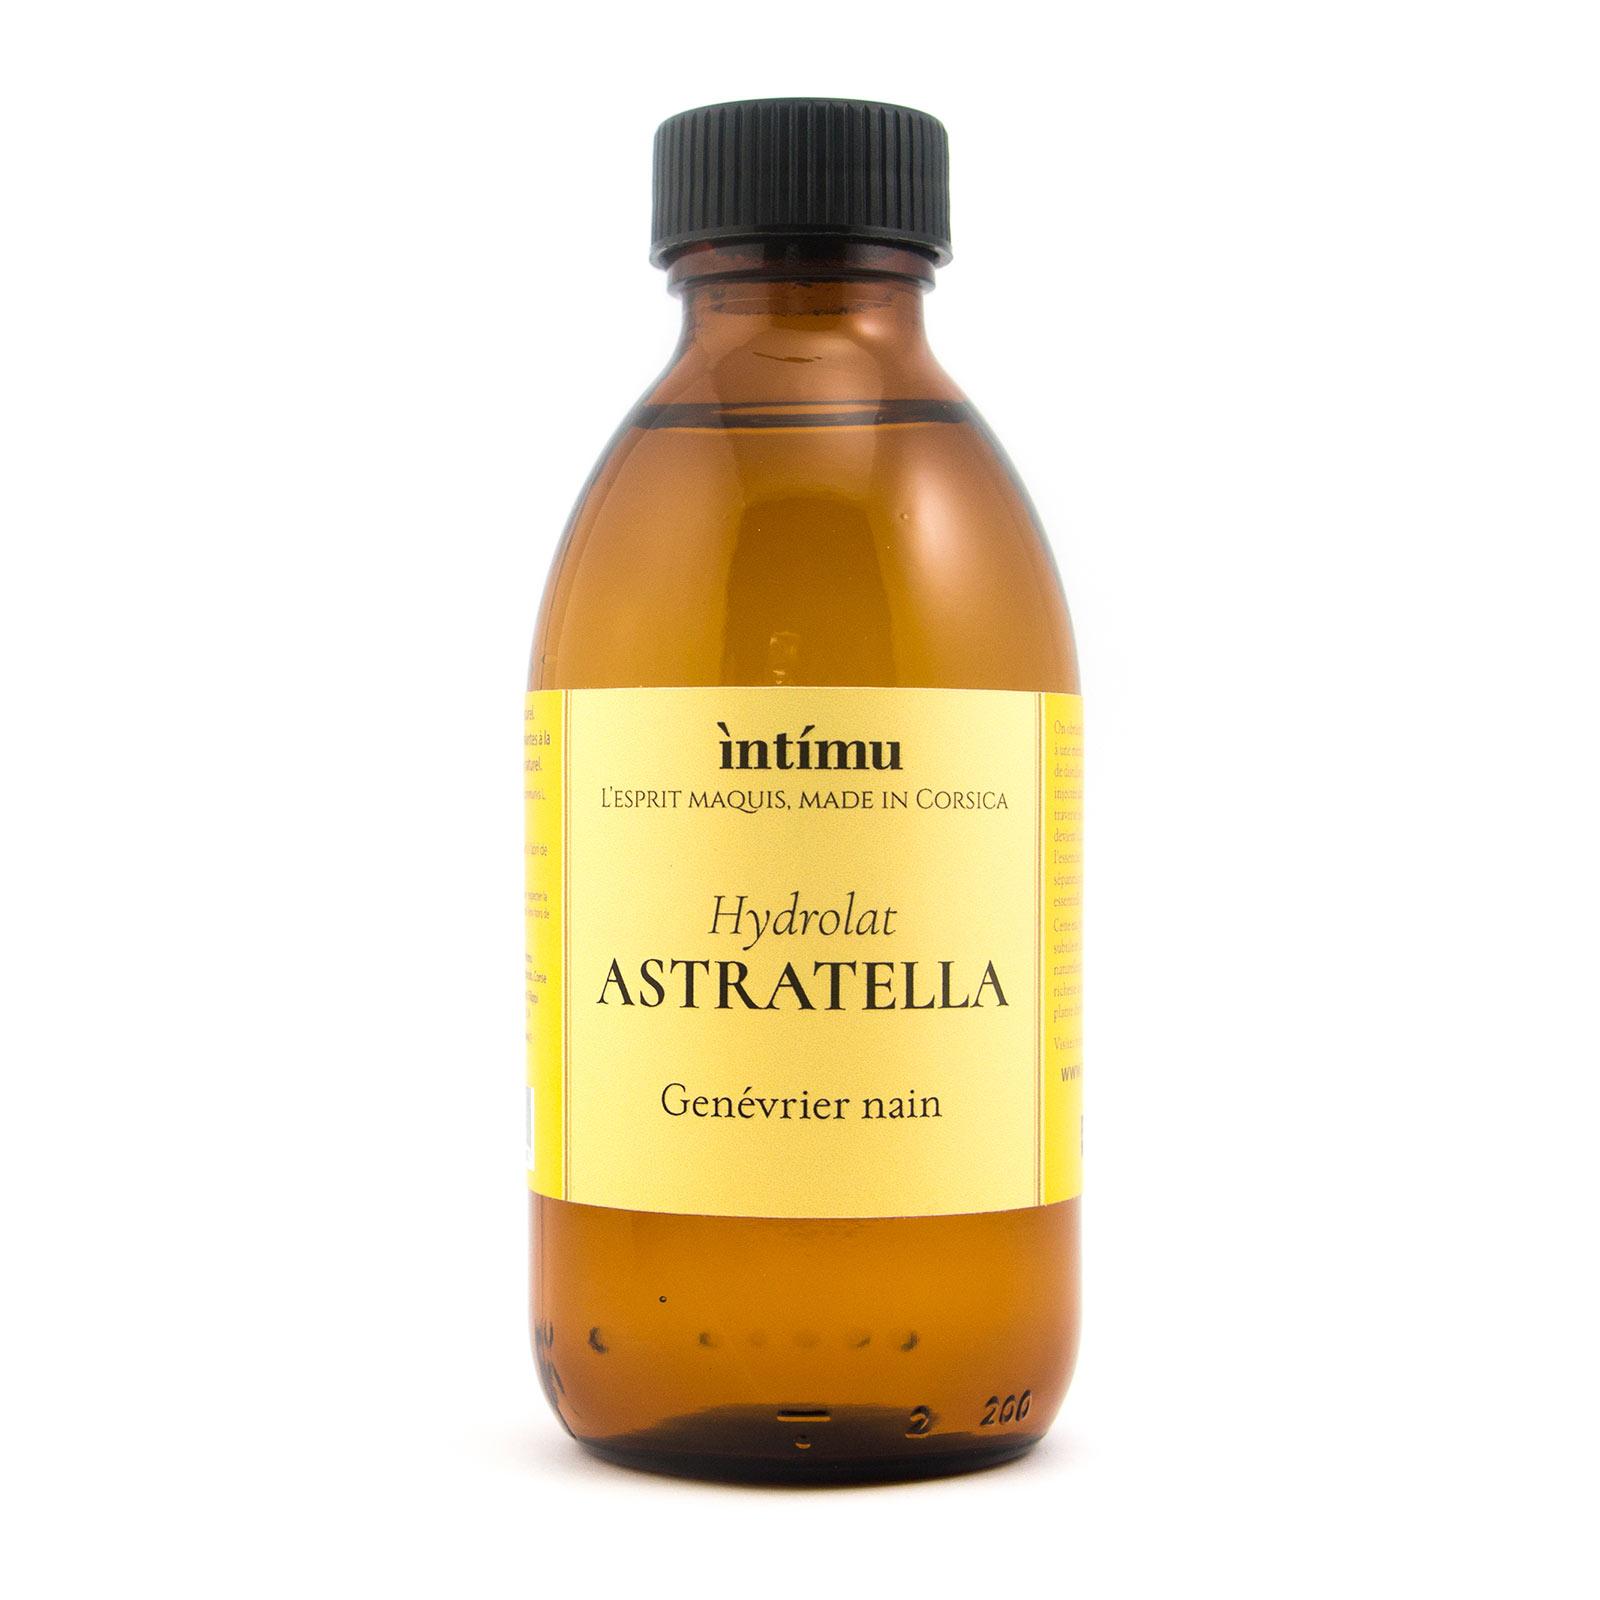 Hydrolat Astratella ou Juniperus communis L.